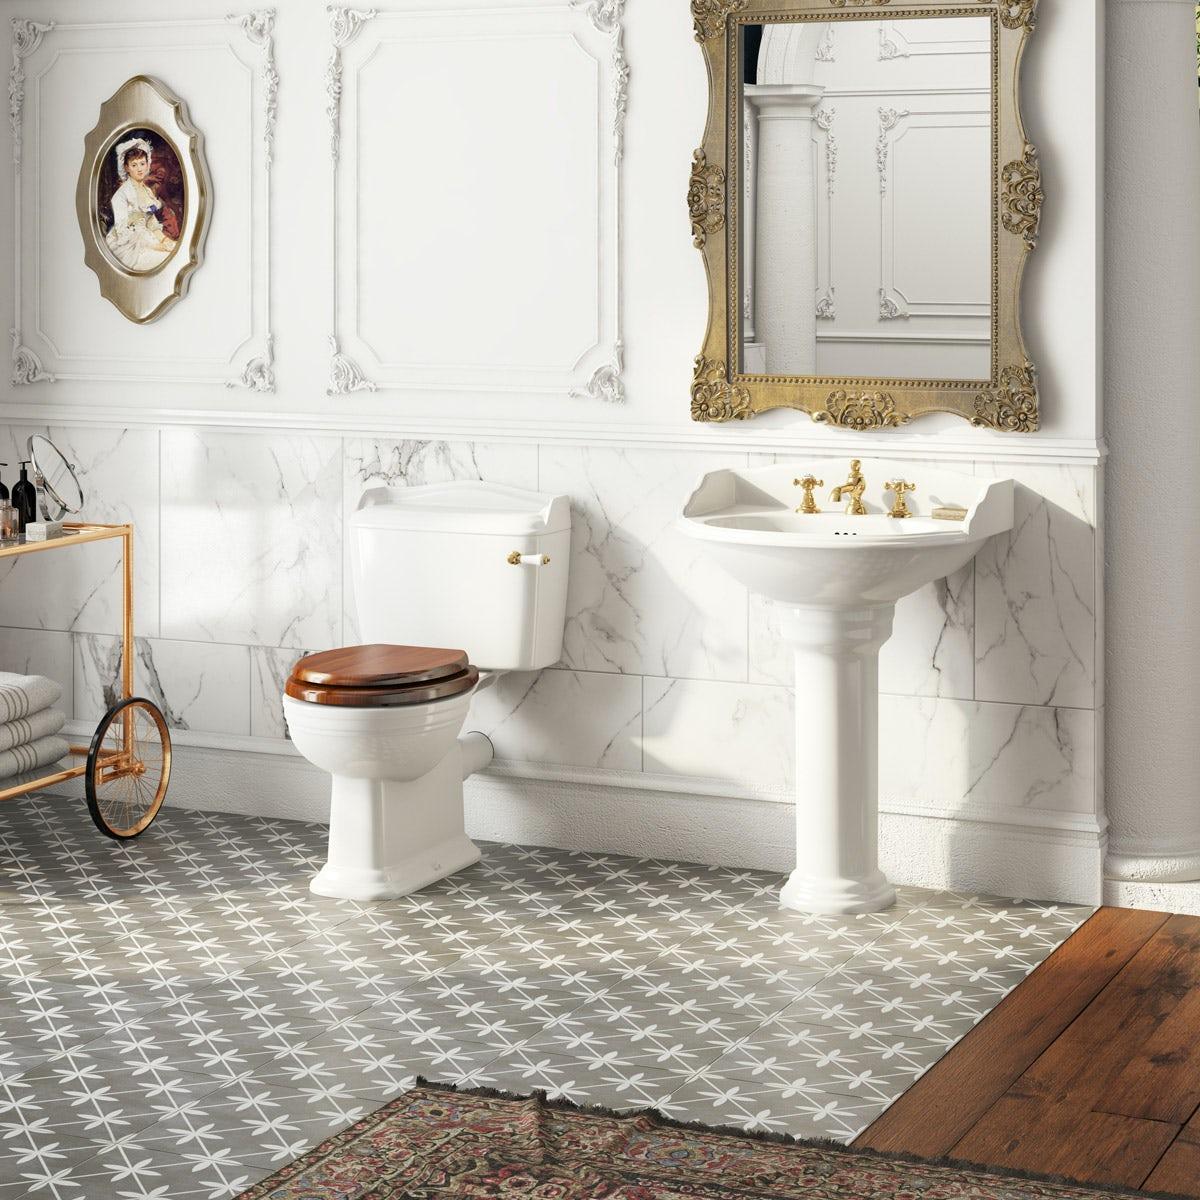 Belle de Louvain Bellini complete cloakroom suite with incalux fittings